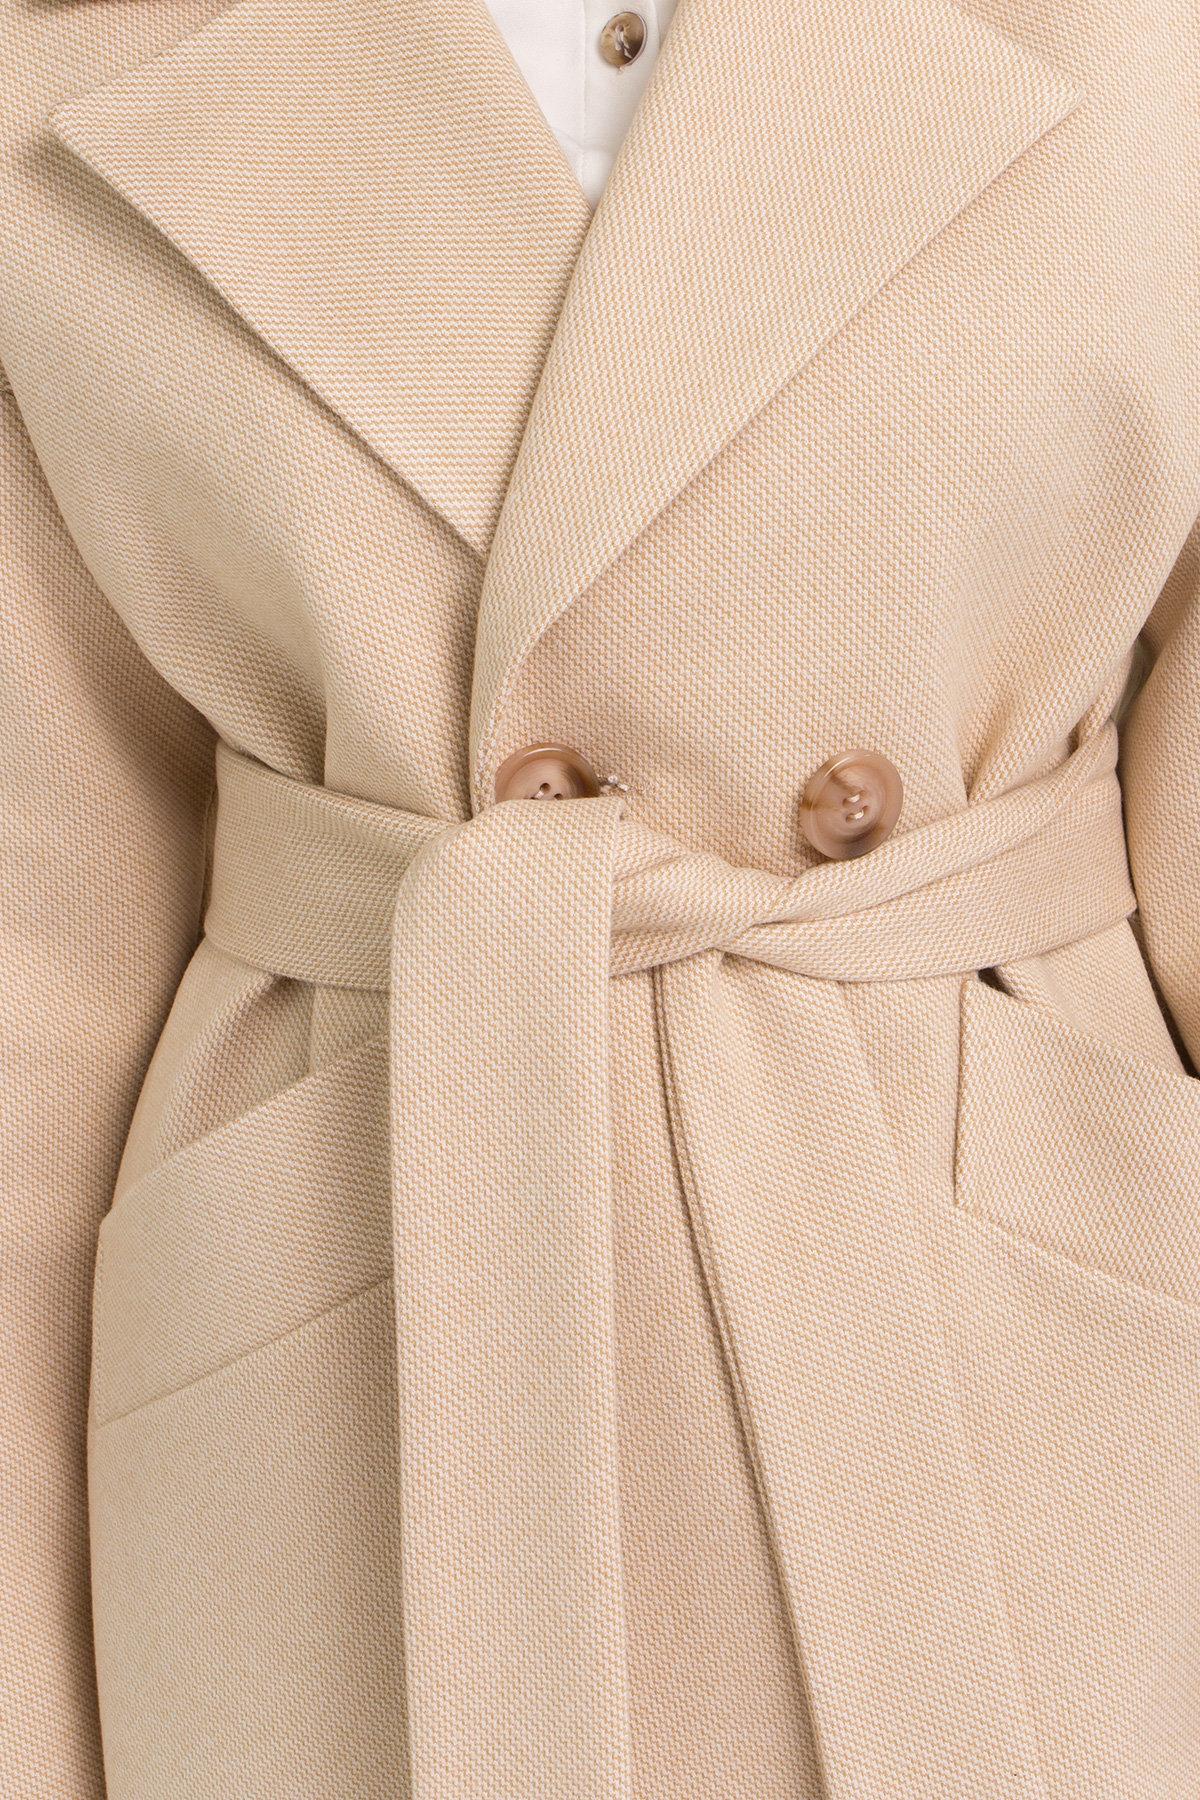 Пальто Сенсей 9055 АРТ. 45370 Цвет: Бежевый - фото 6, интернет магазин tm-modus.ru